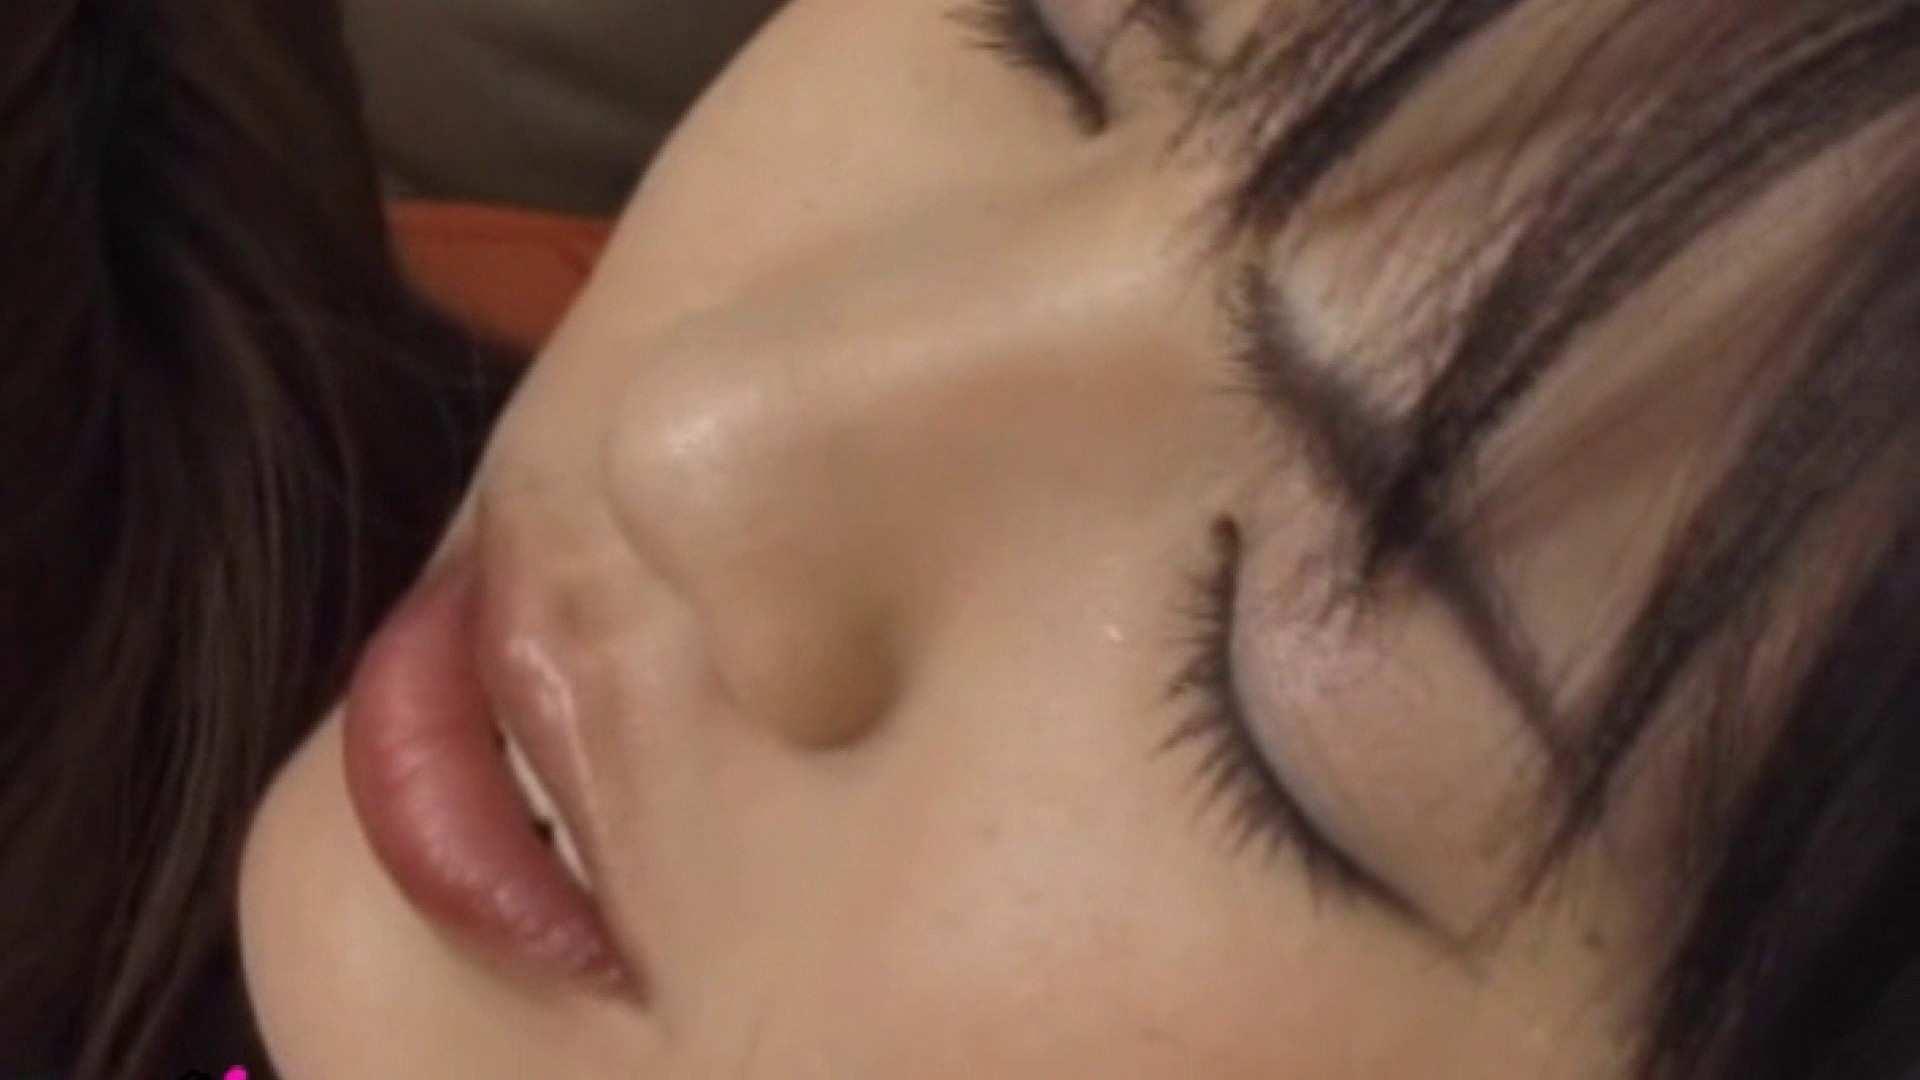 おしえてギャル子のH塾 Vol.42前編 ギャル AV動画キャプチャ 105PIX 37